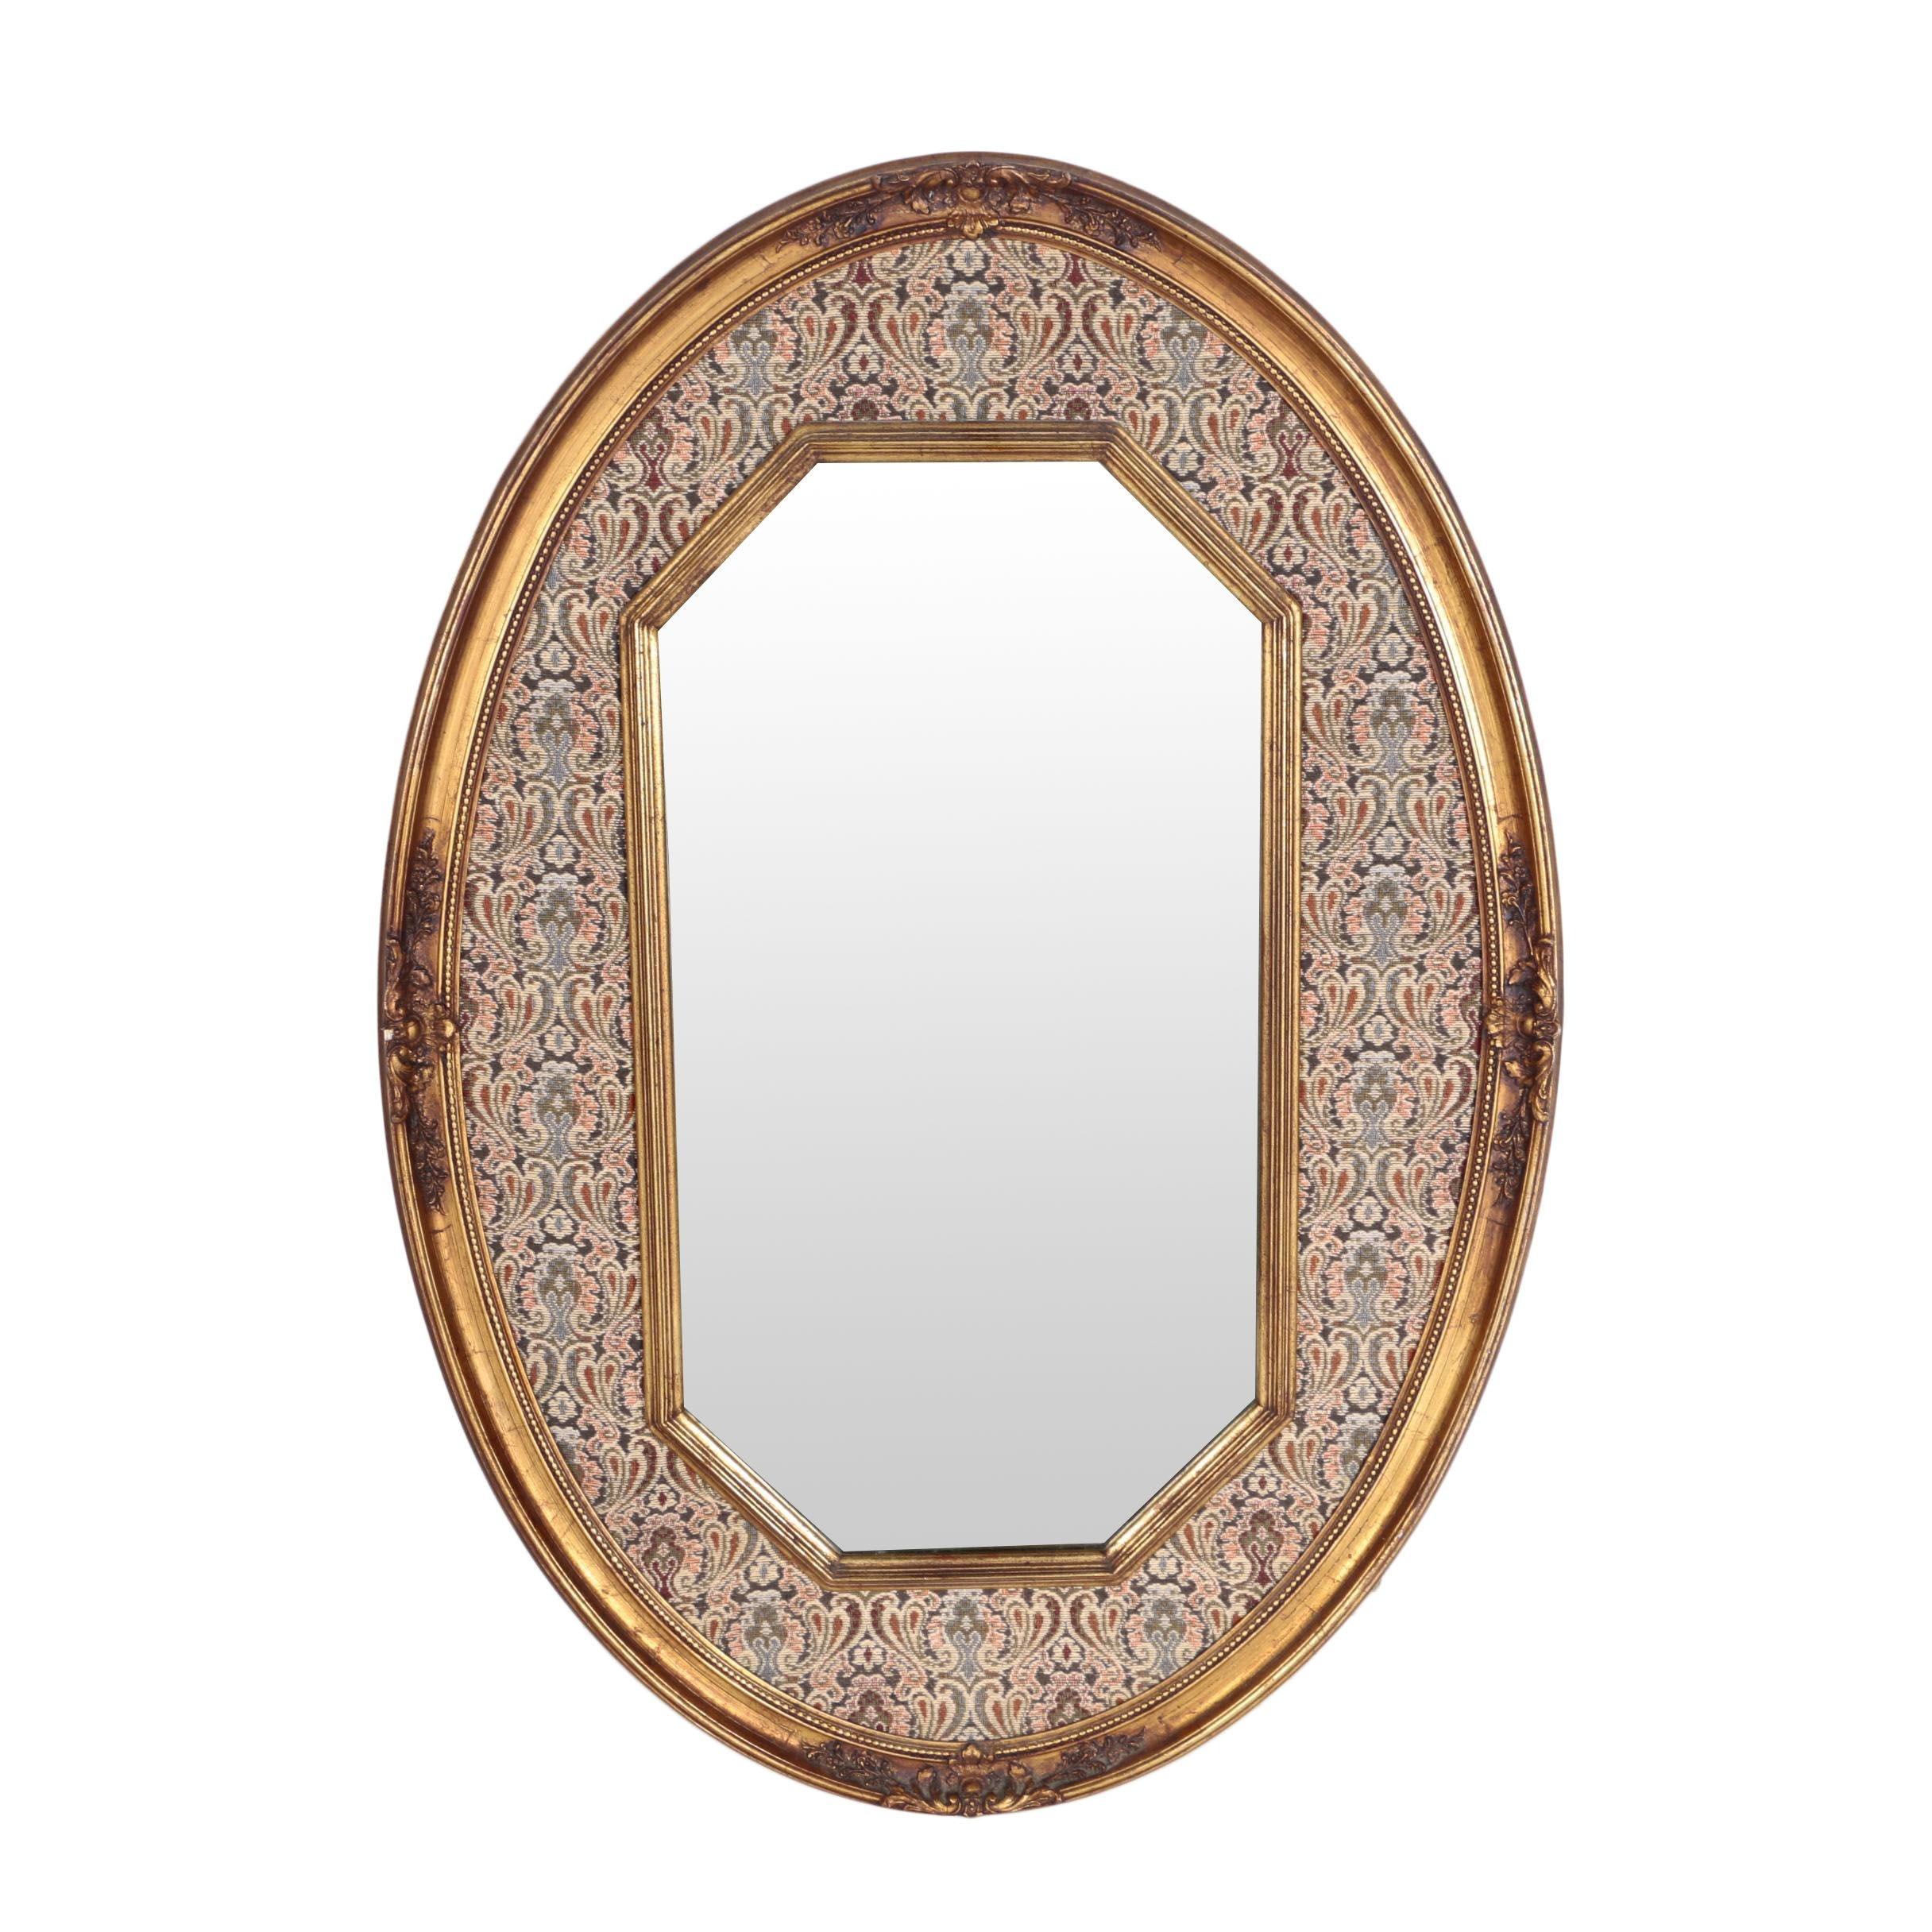 Tapestry-Framed Octagonal Wall Mirror